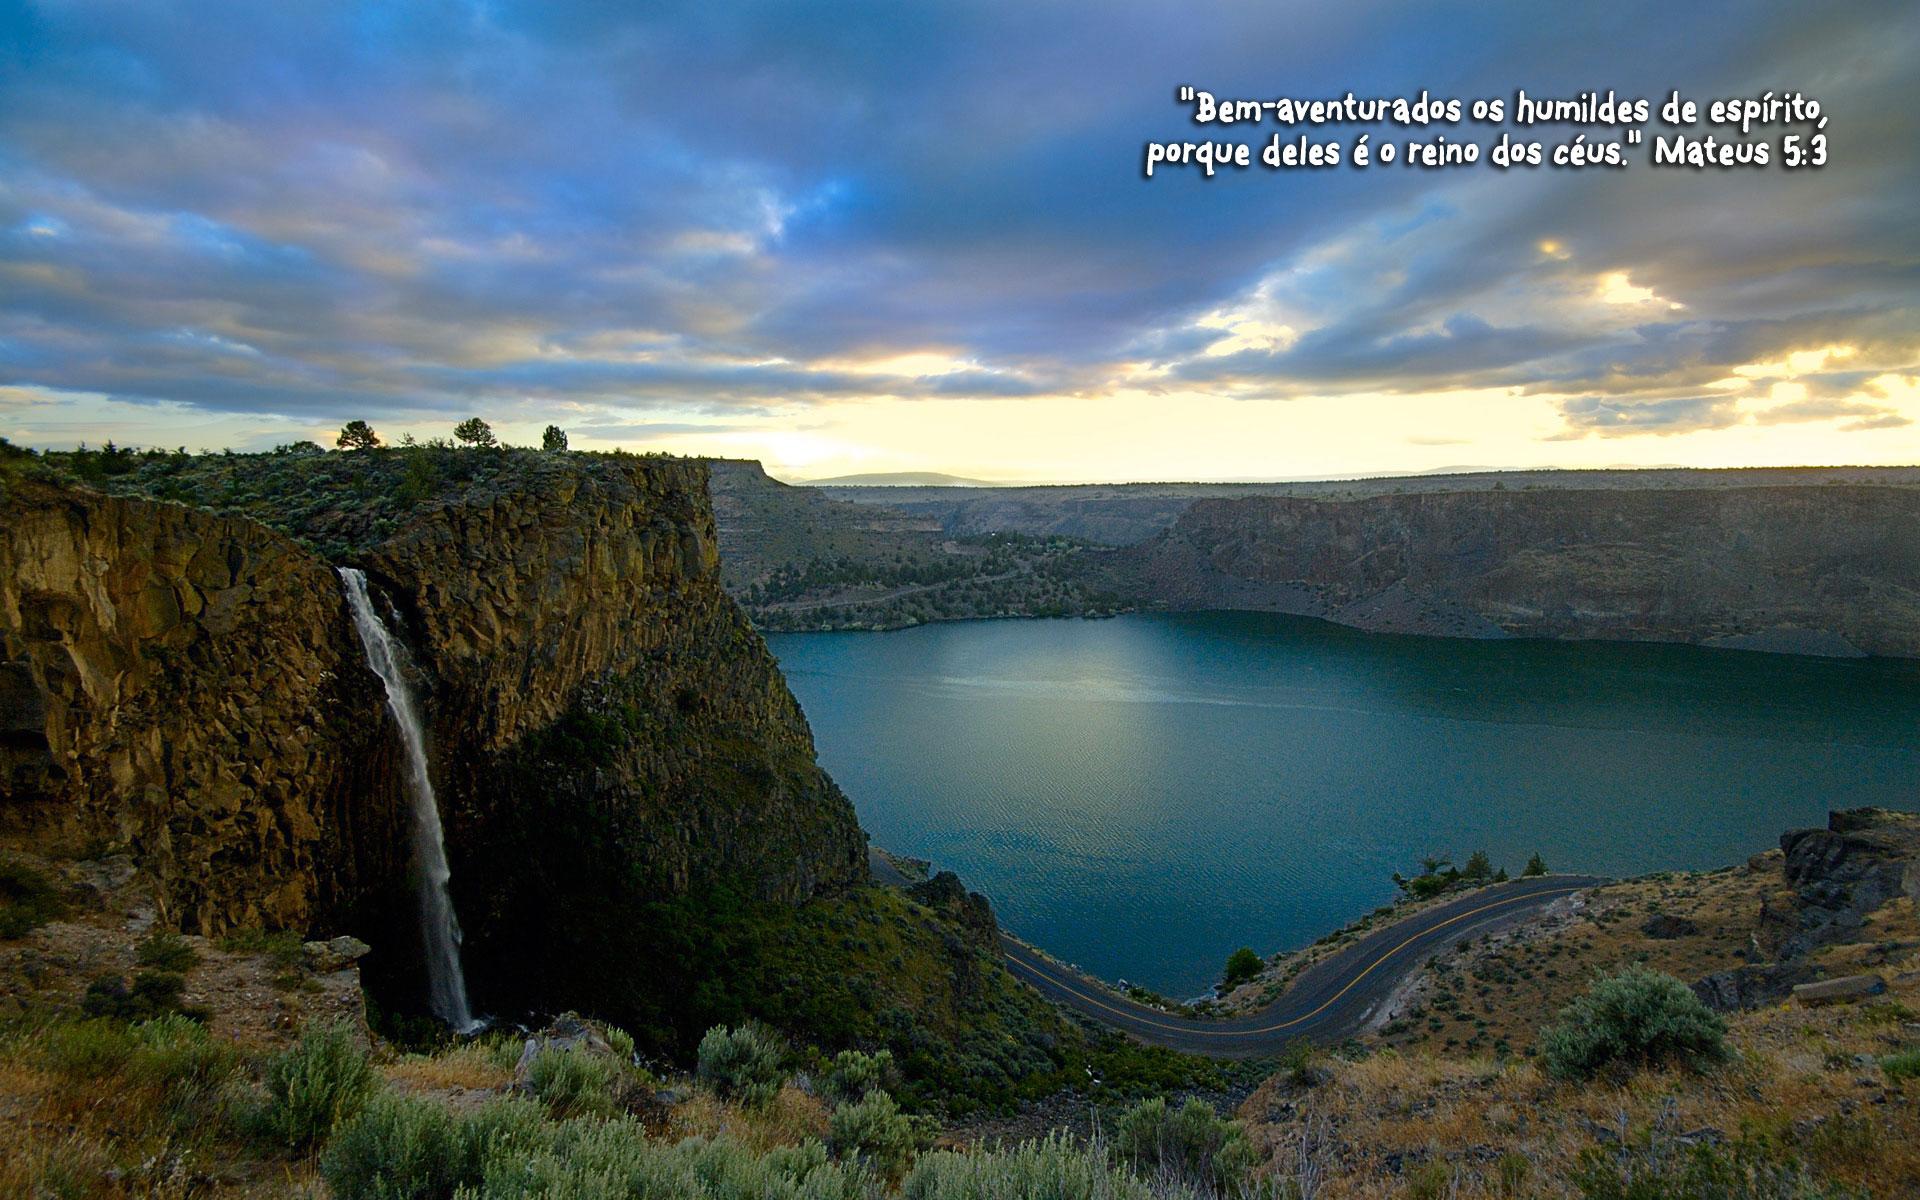 http://www.devocionaldiario.com.br/imagens/epic_falls_w.jpg